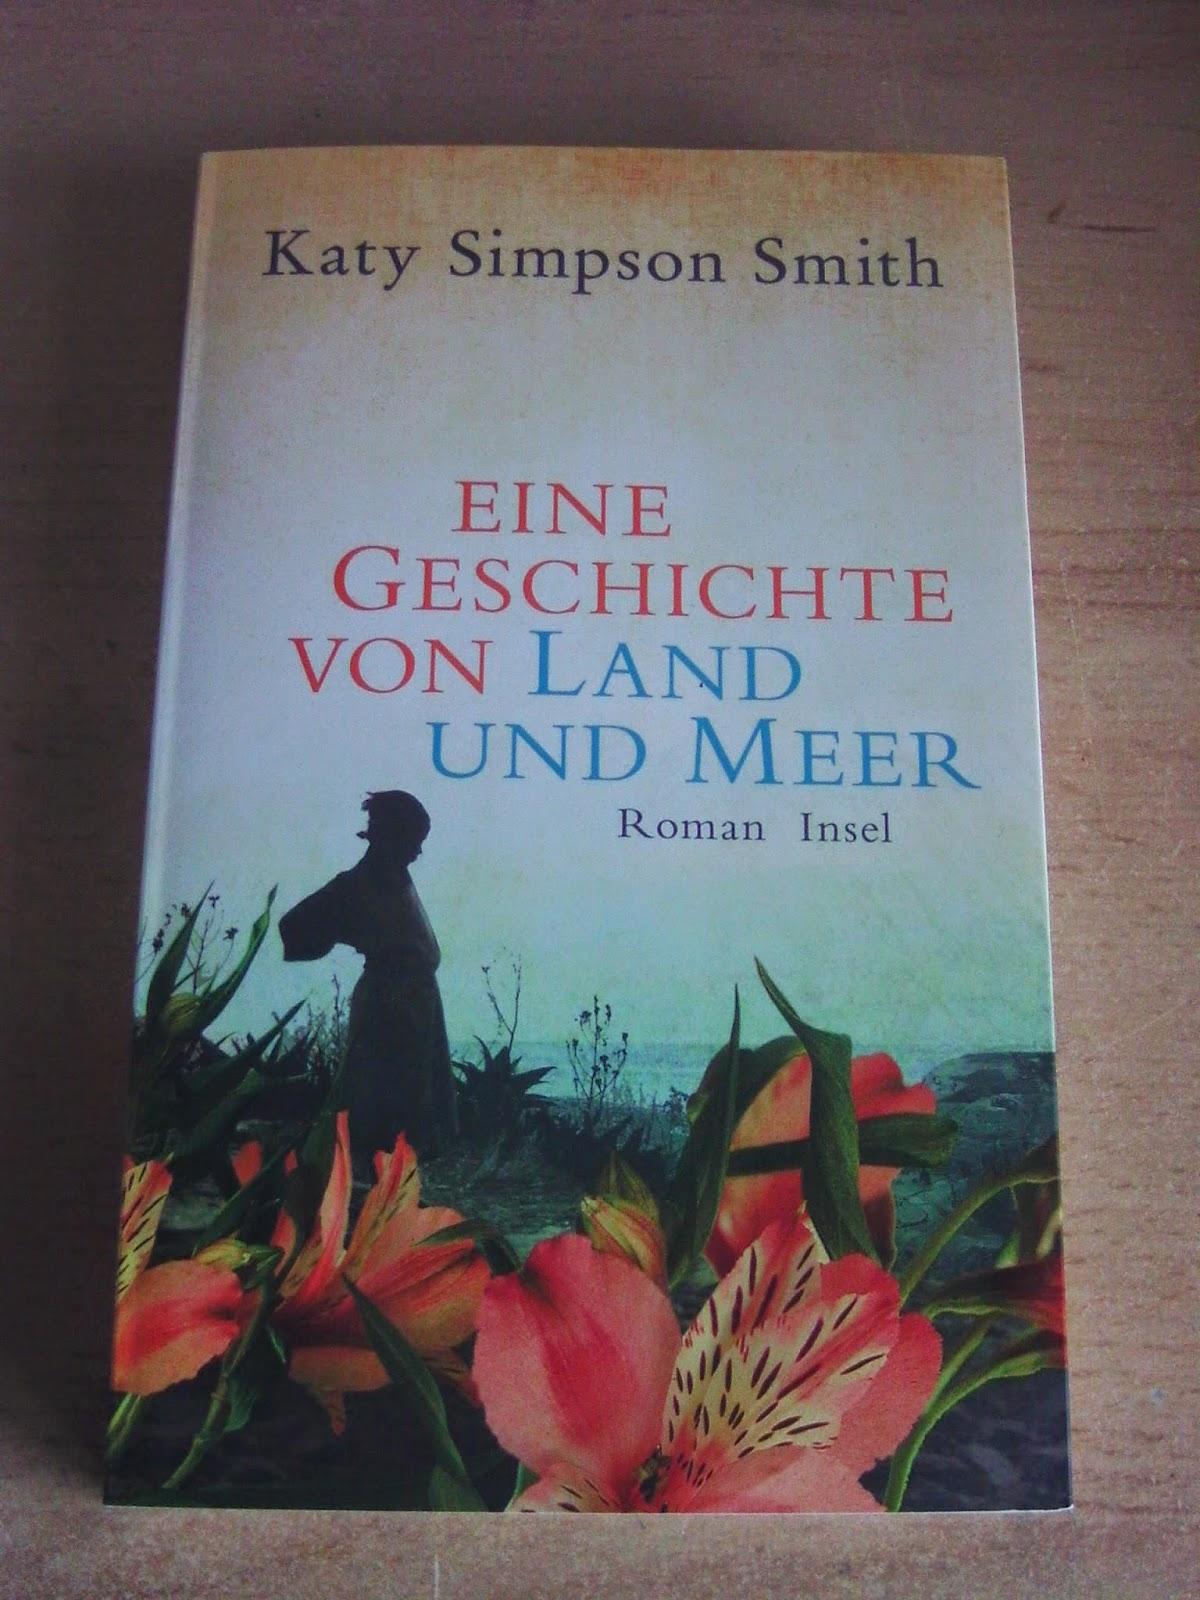 http://www.amazon.de/Eine-Geschichte-von-Land-Meer-ebook/dp/B00MBNG9JK/ref=sr_1_1?s=books&ie=UTF8&qid=1431701366&sr=1-1&keywords=eine+geschichte+von+land+und+meer